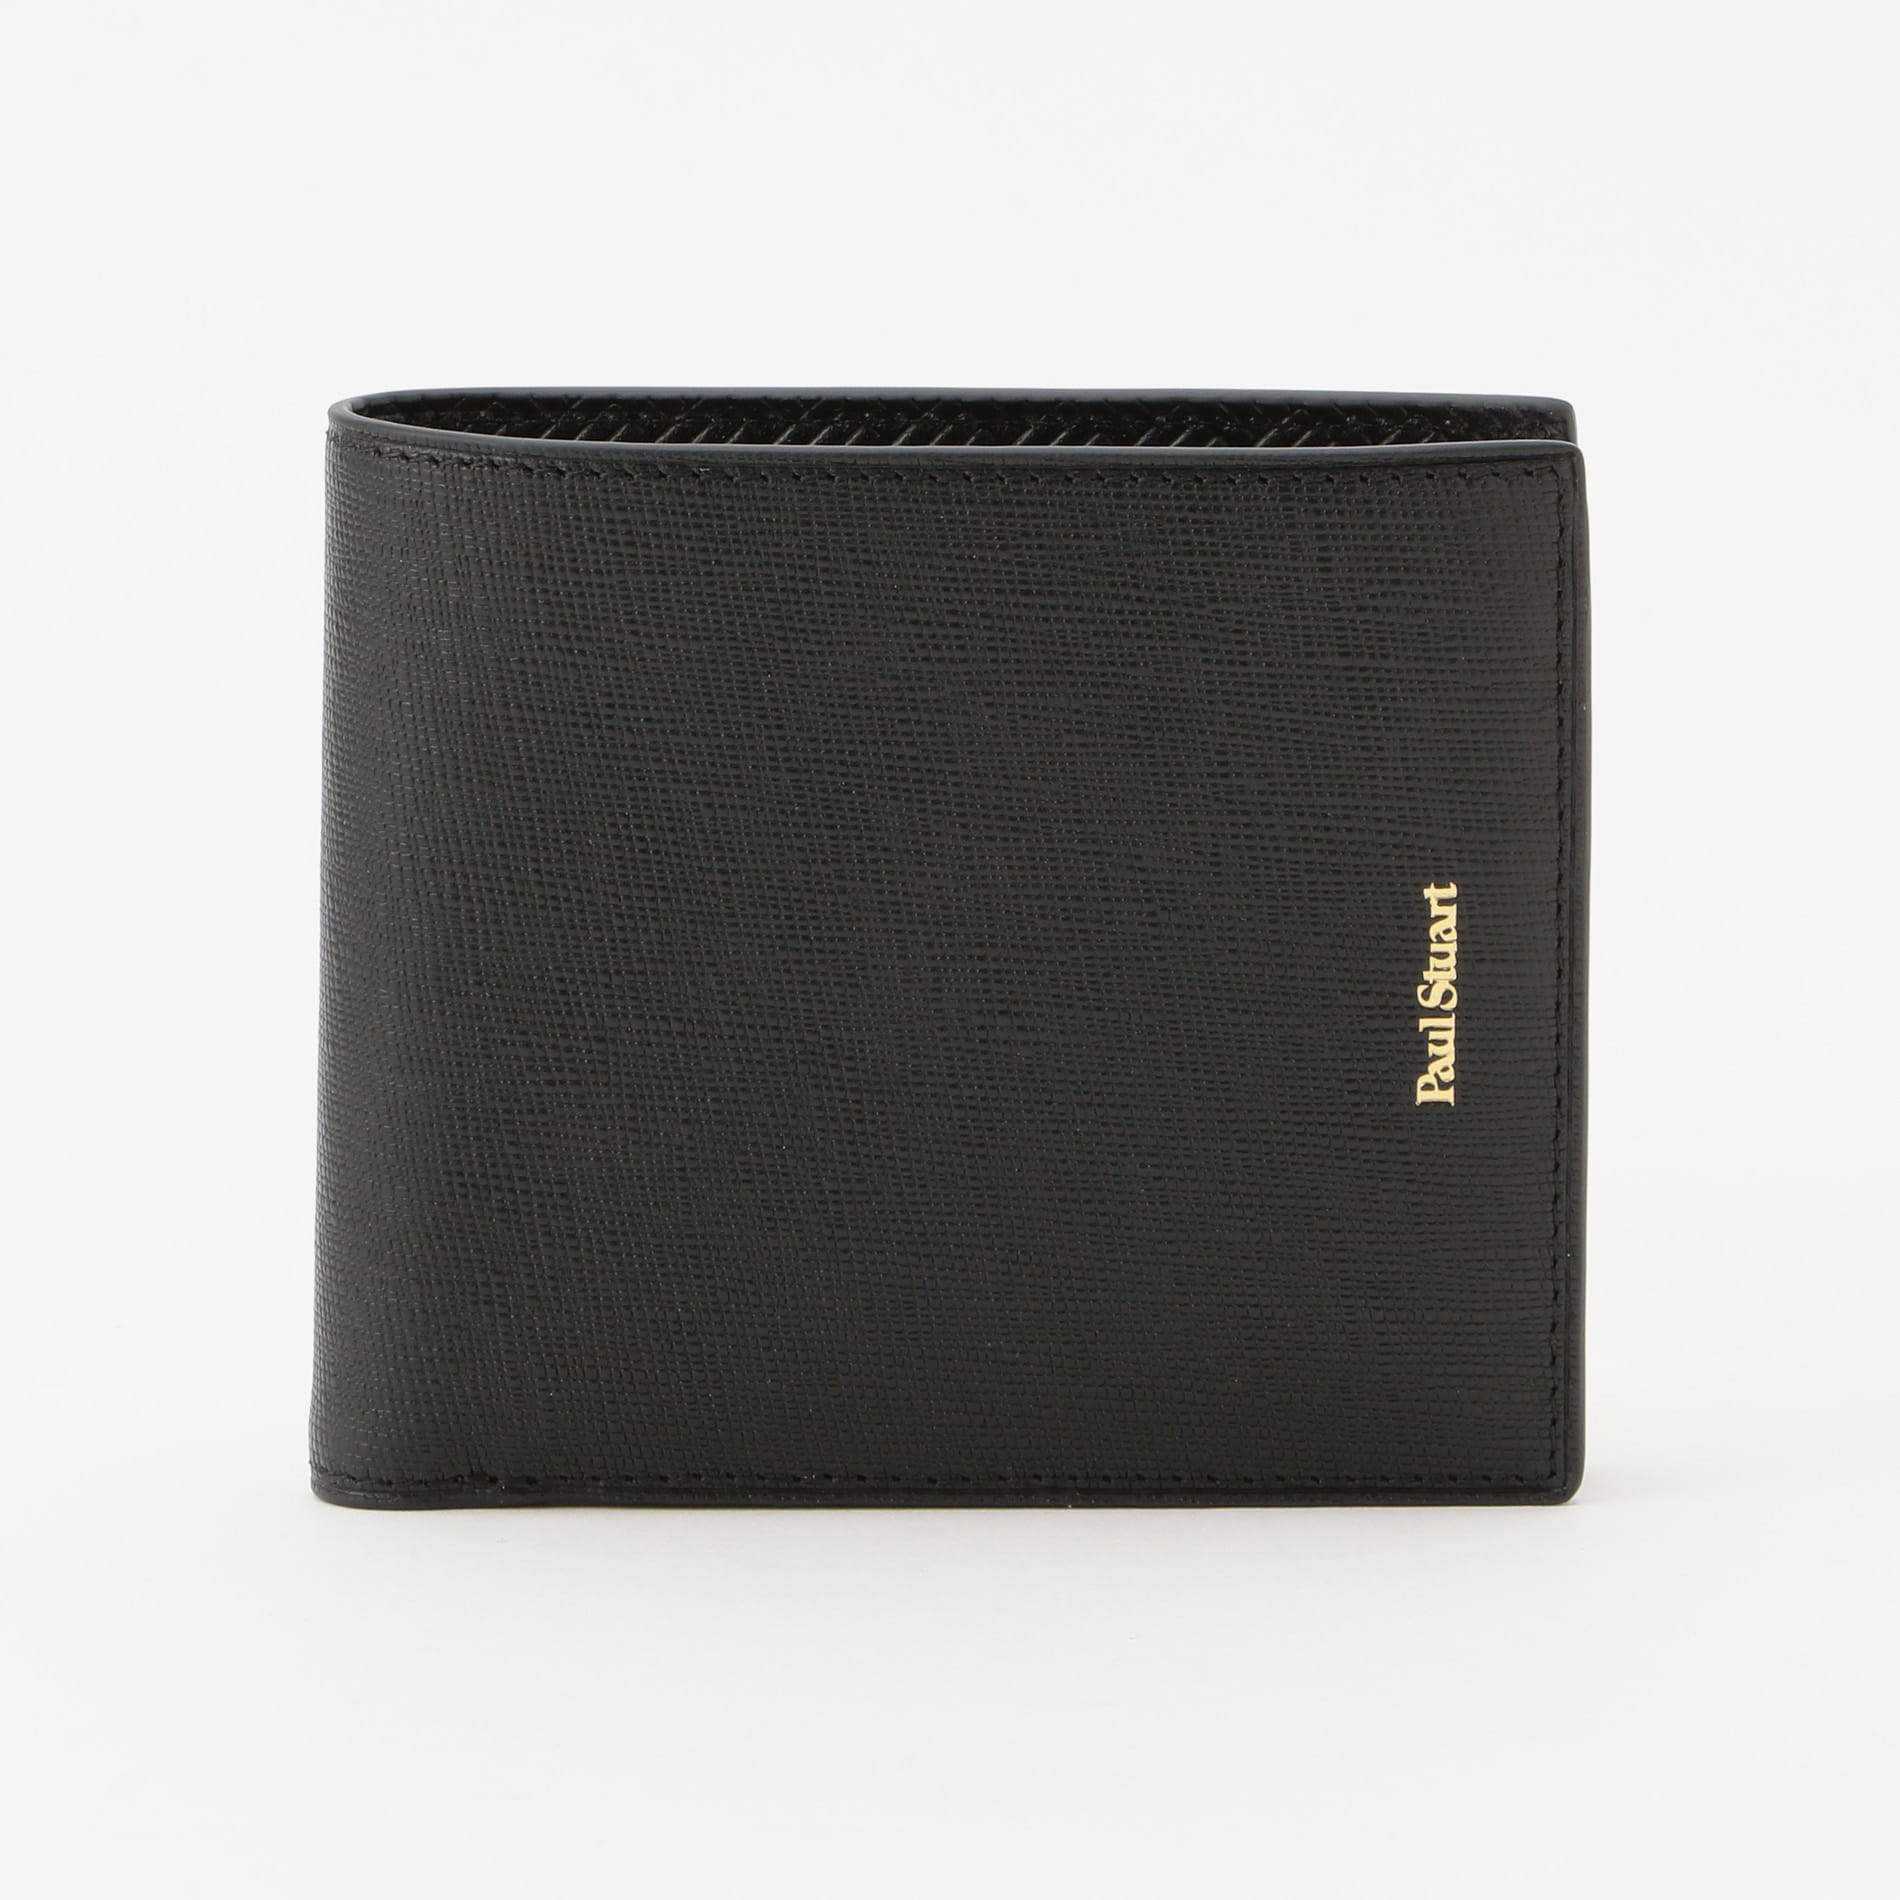 レザーウォレット/2つ折り財布(キリコスタレザー)